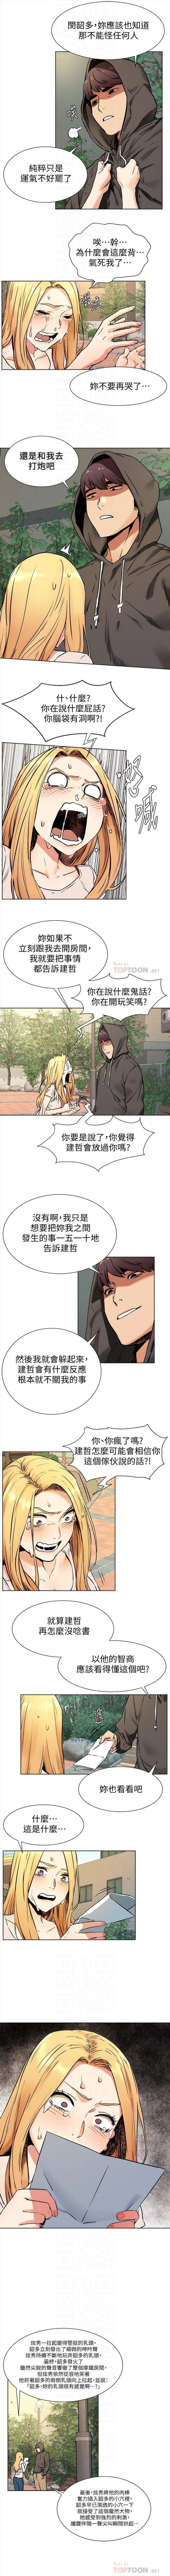 (週5)衝突 1-91 中文翻譯 (更新中) 466